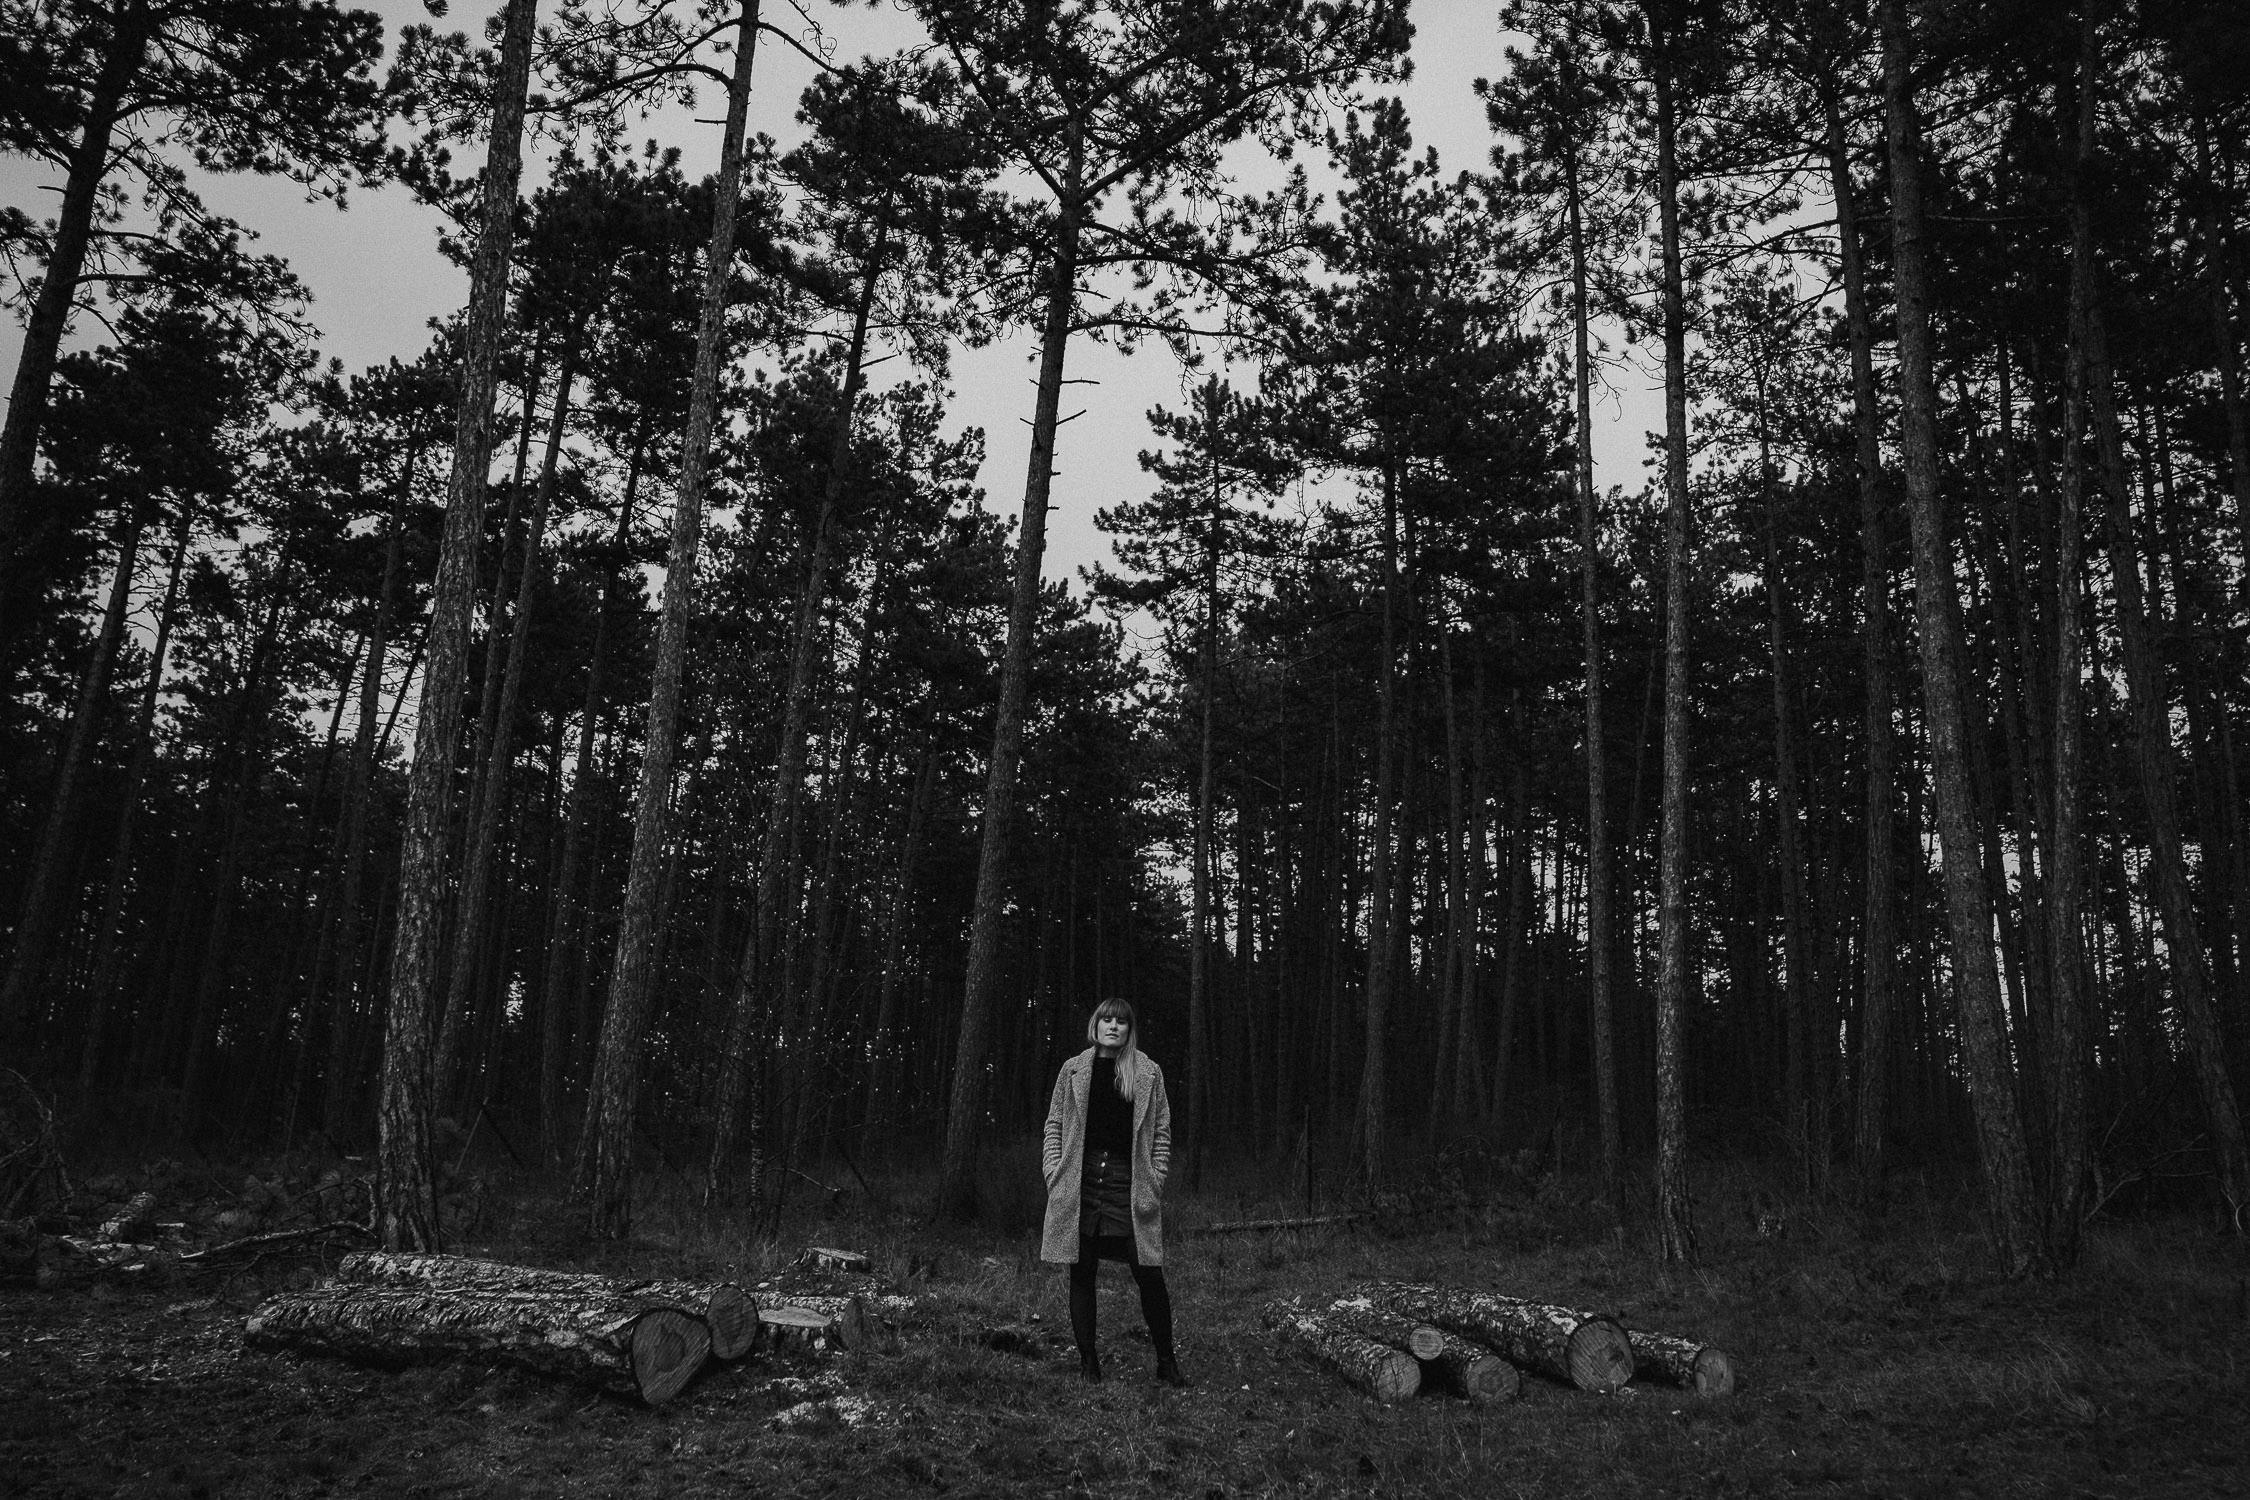 Pärchenbilder im Wald vom Hochzeitsfotograf Axel Link aus Wuerzburg